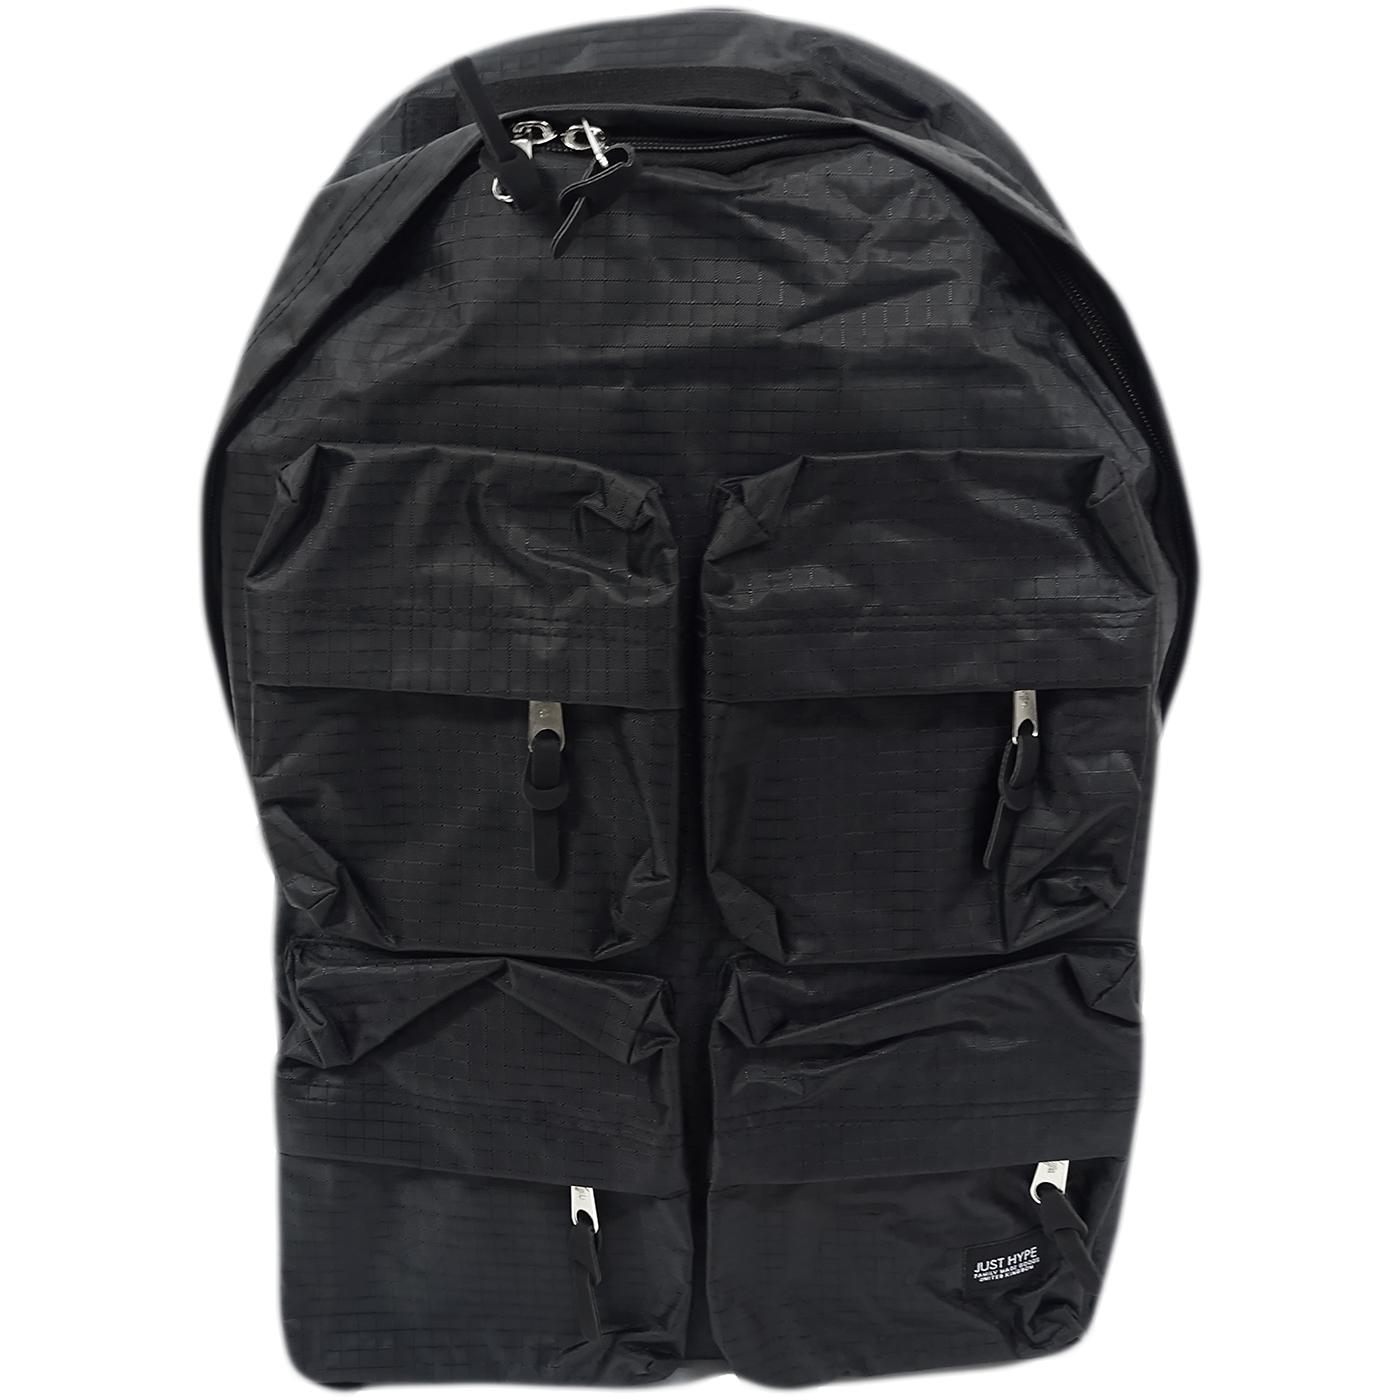 Hype Black 4 Pocket Backpack Bag